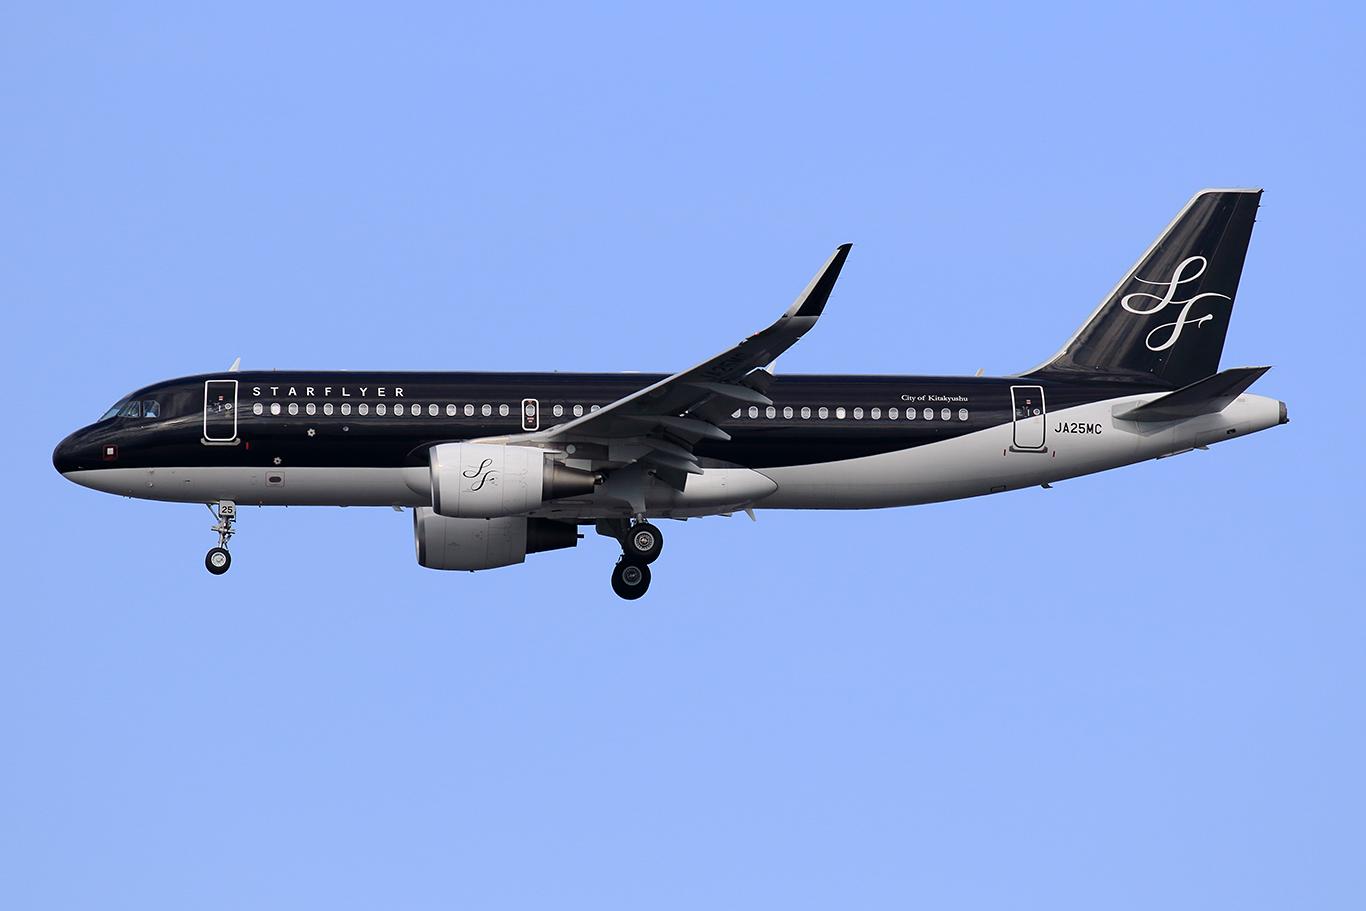 7G/SFJ/スターフライヤー 7G48 A320 JA25MC